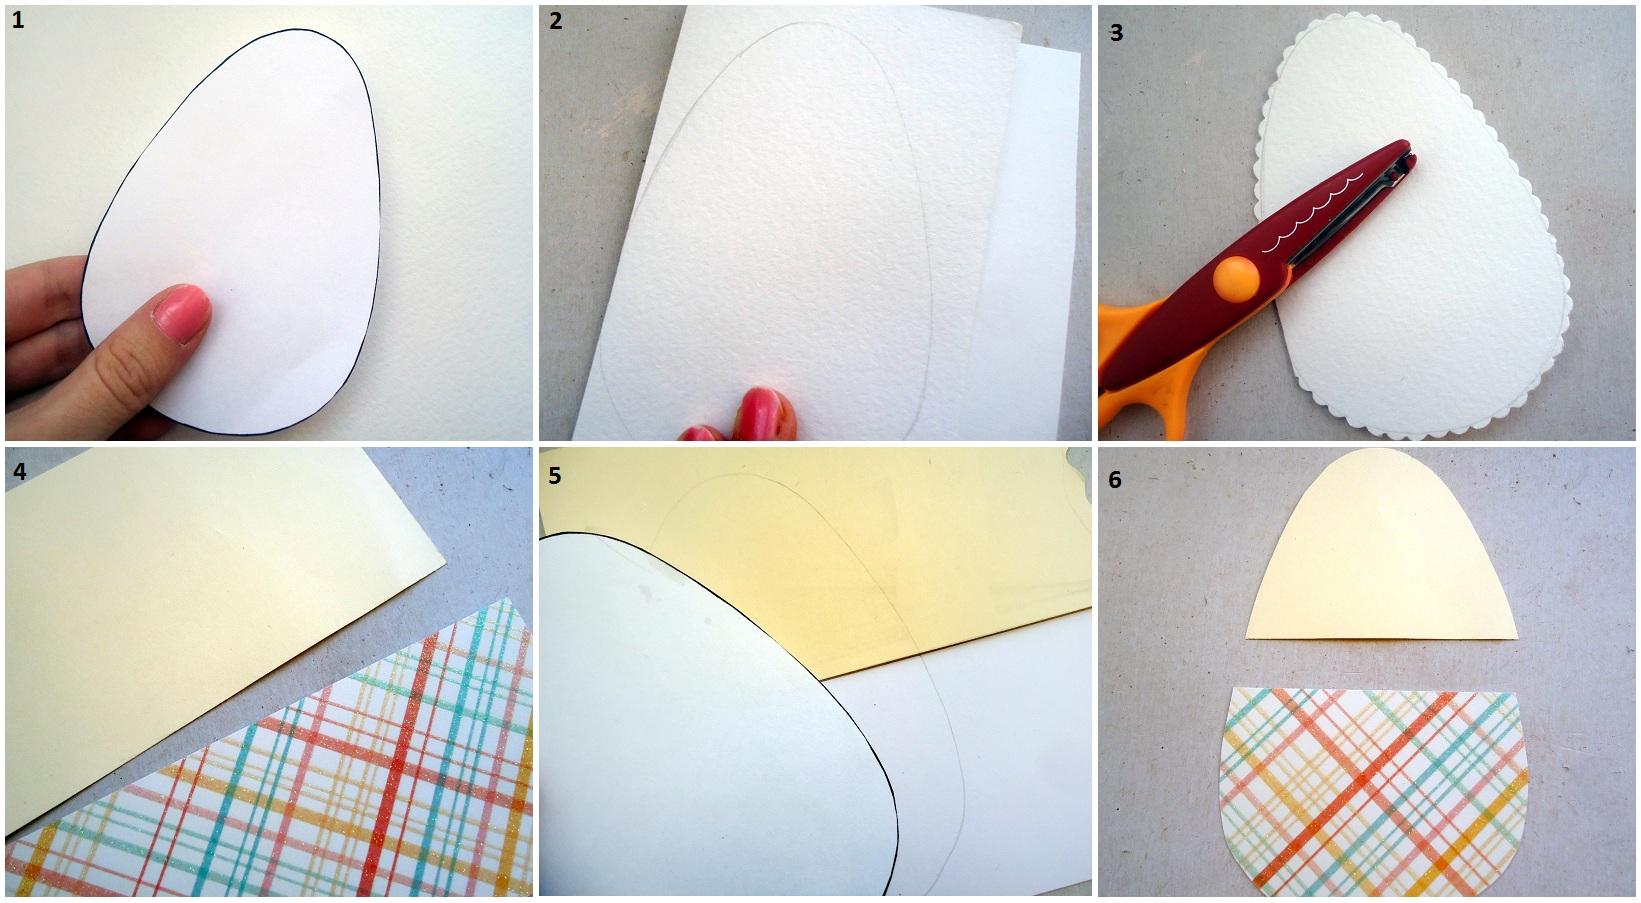 Оригами схема посхального яйца - promo-nnovgorod.ru